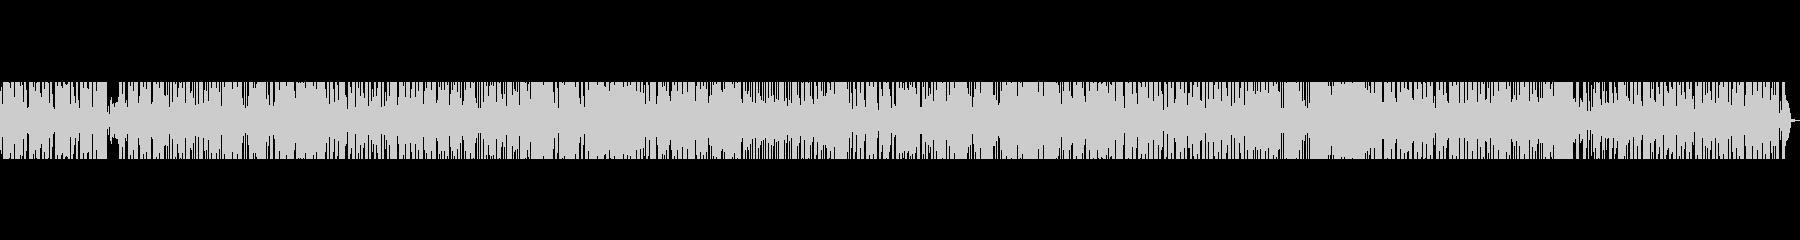 ブラス、オルガン、ピアノのR&B-ソウルの未再生の波形